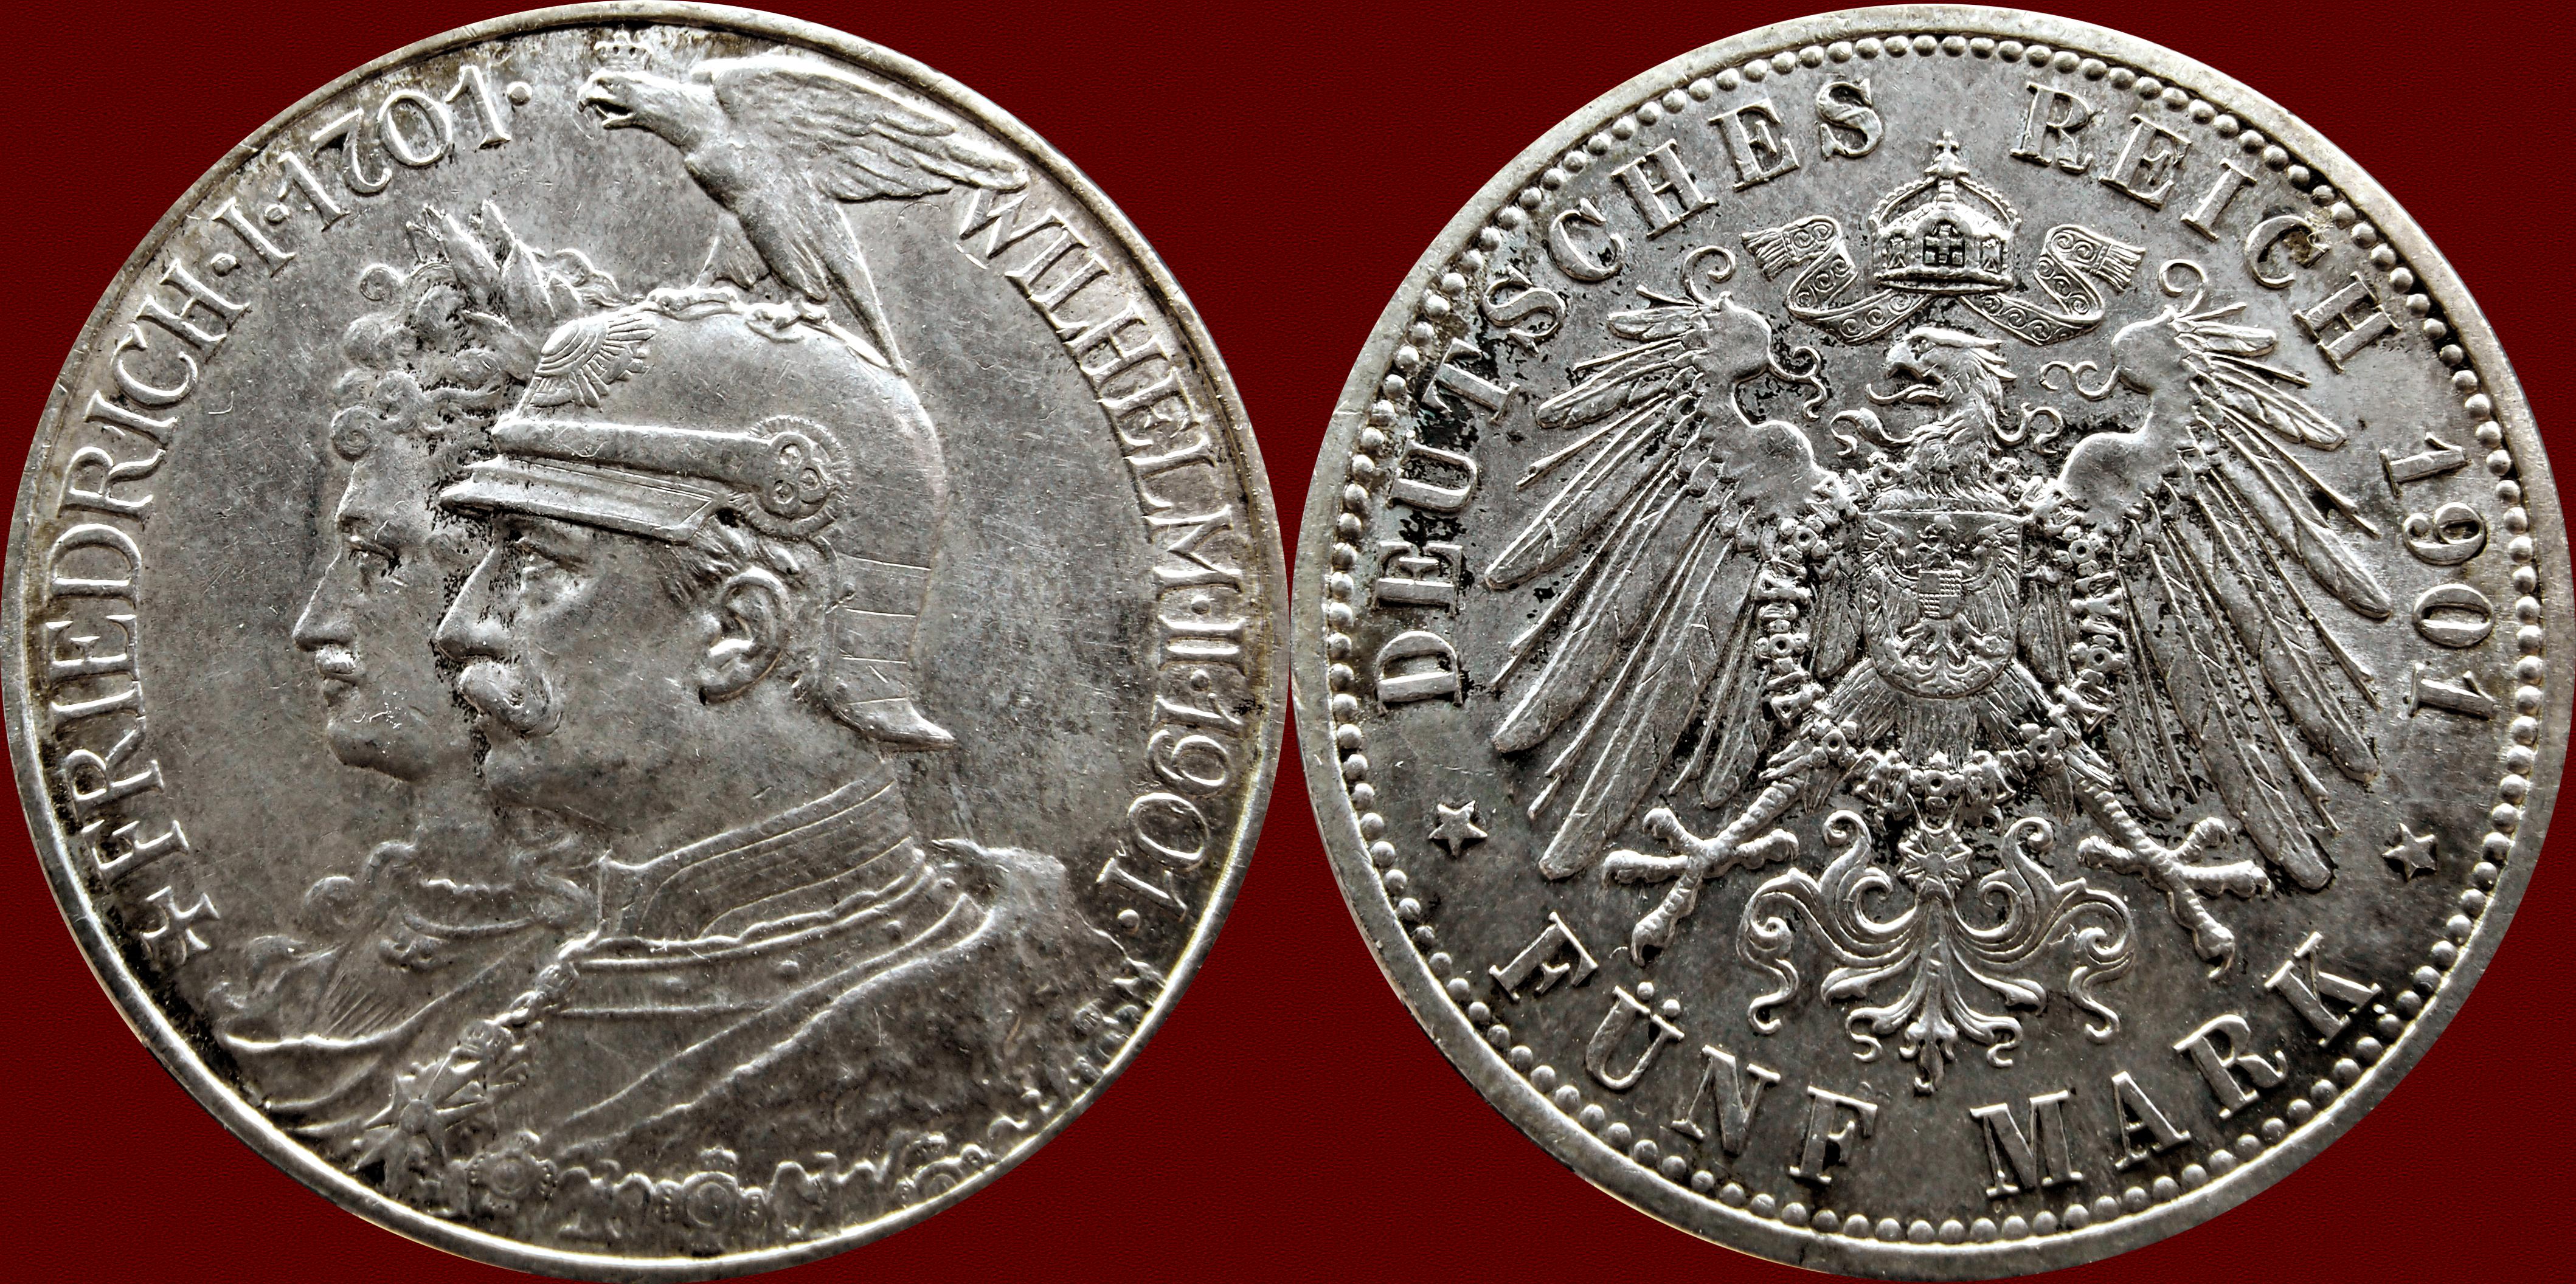 5 Marcos - Estados Alemanes, Prussia 1901 12756565325_a93a2ea27a_o